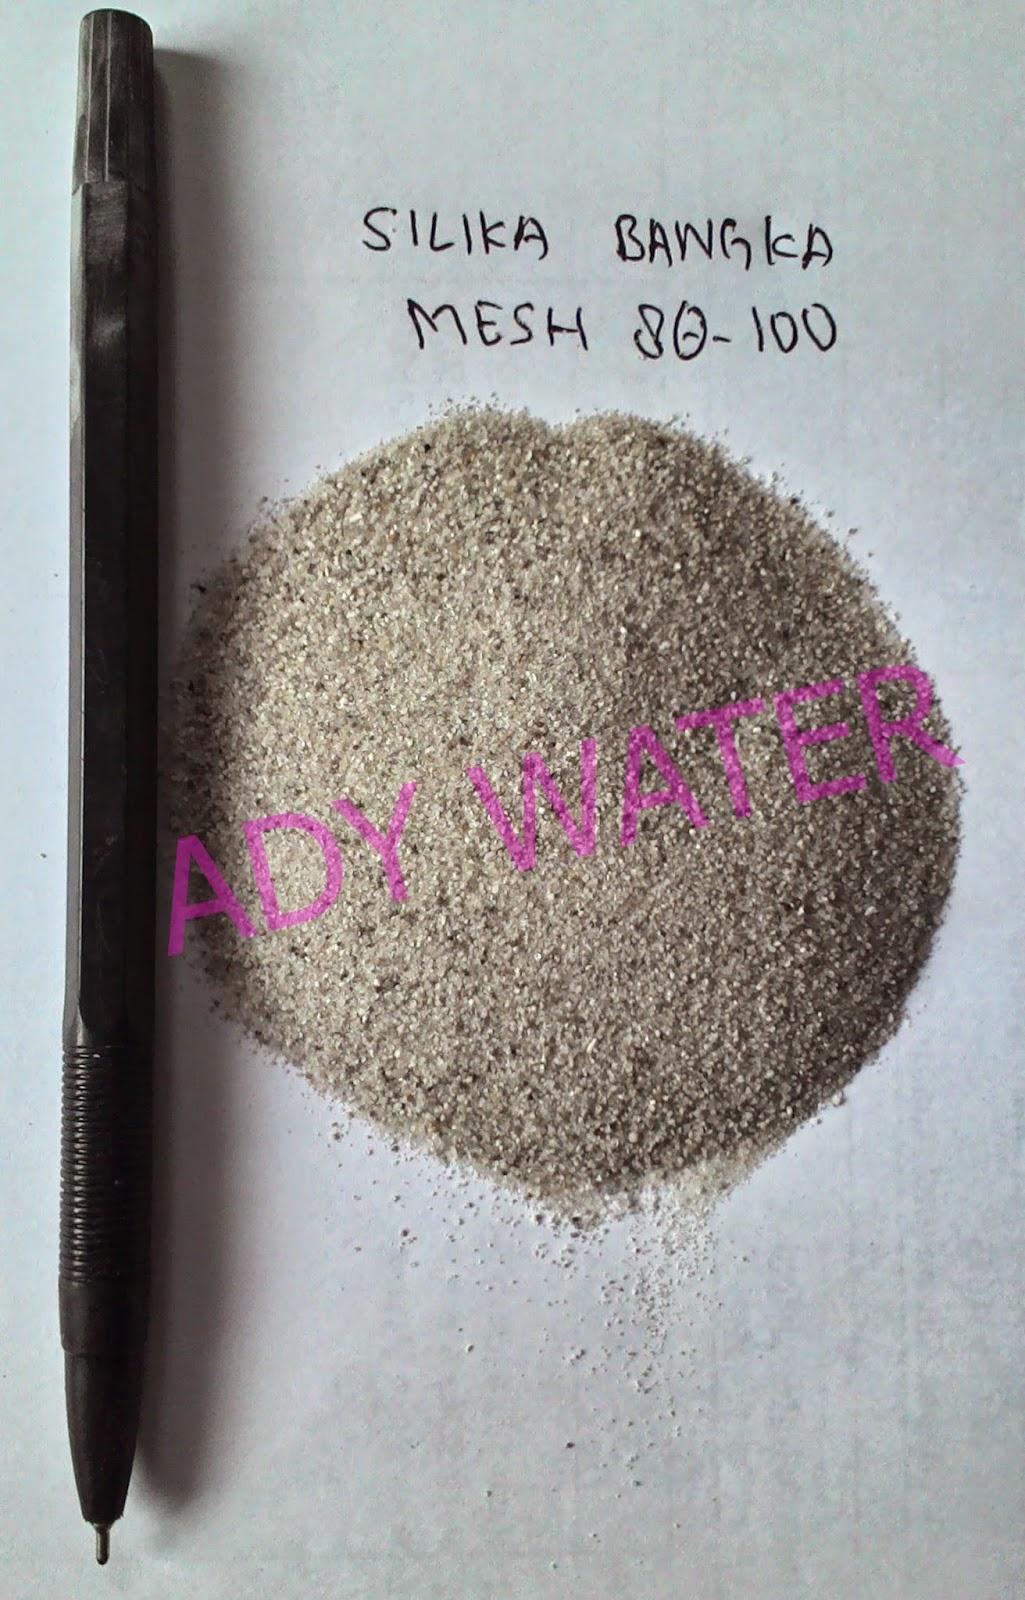 Pasir Silika Bangka Mesh 80-100